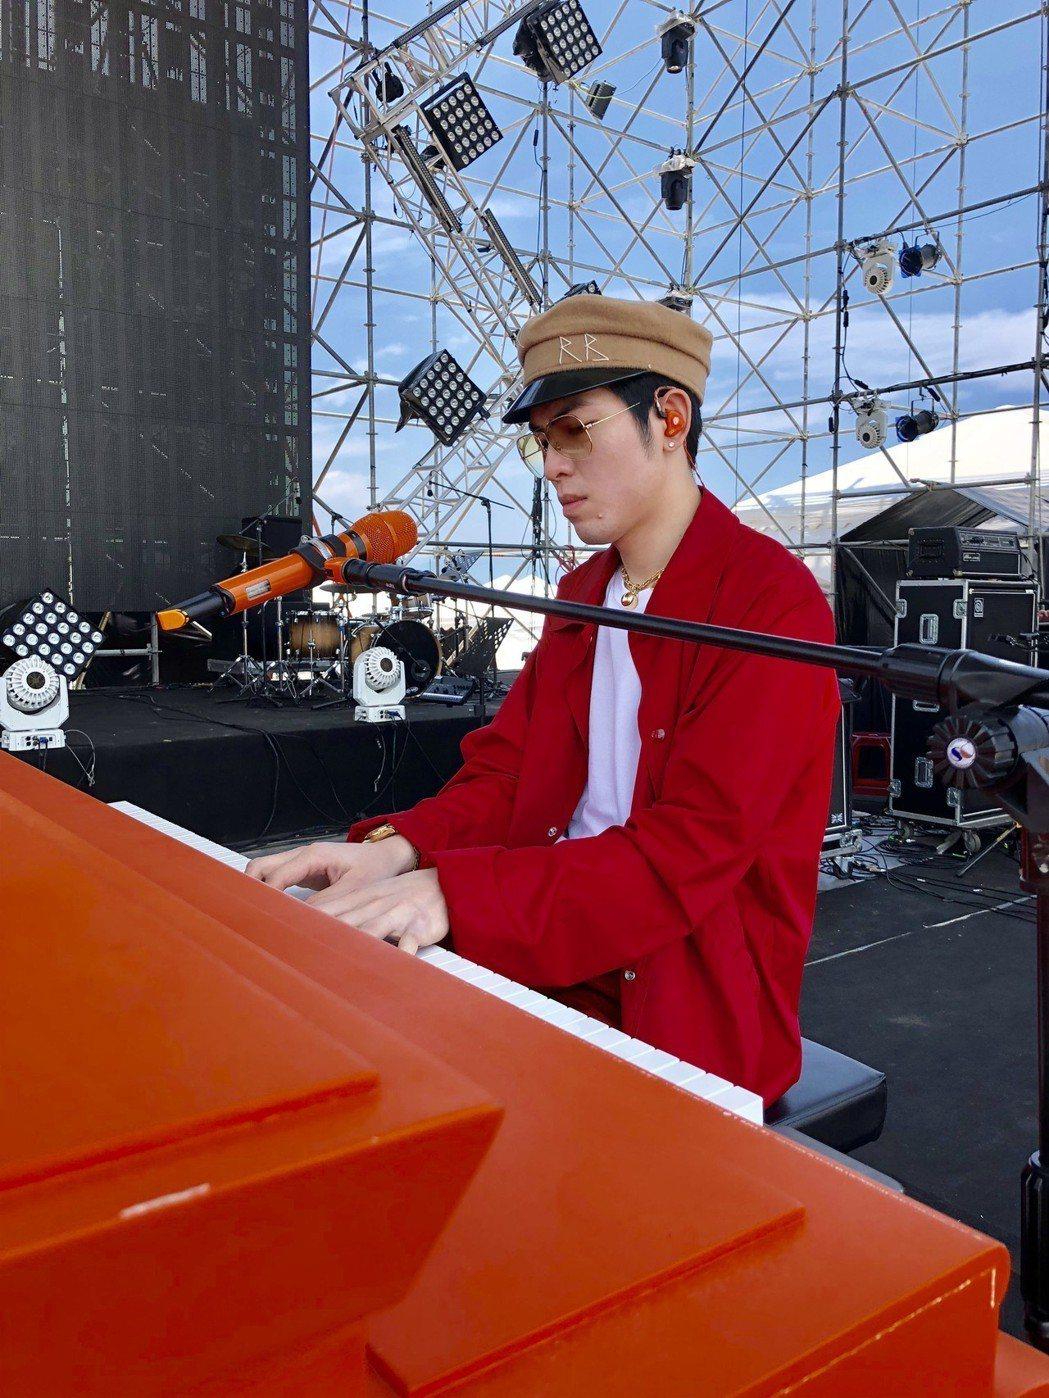 蕭敬騰率領獅子合唱團嗨唱海洋音樂祭。圖/喜鵲提供